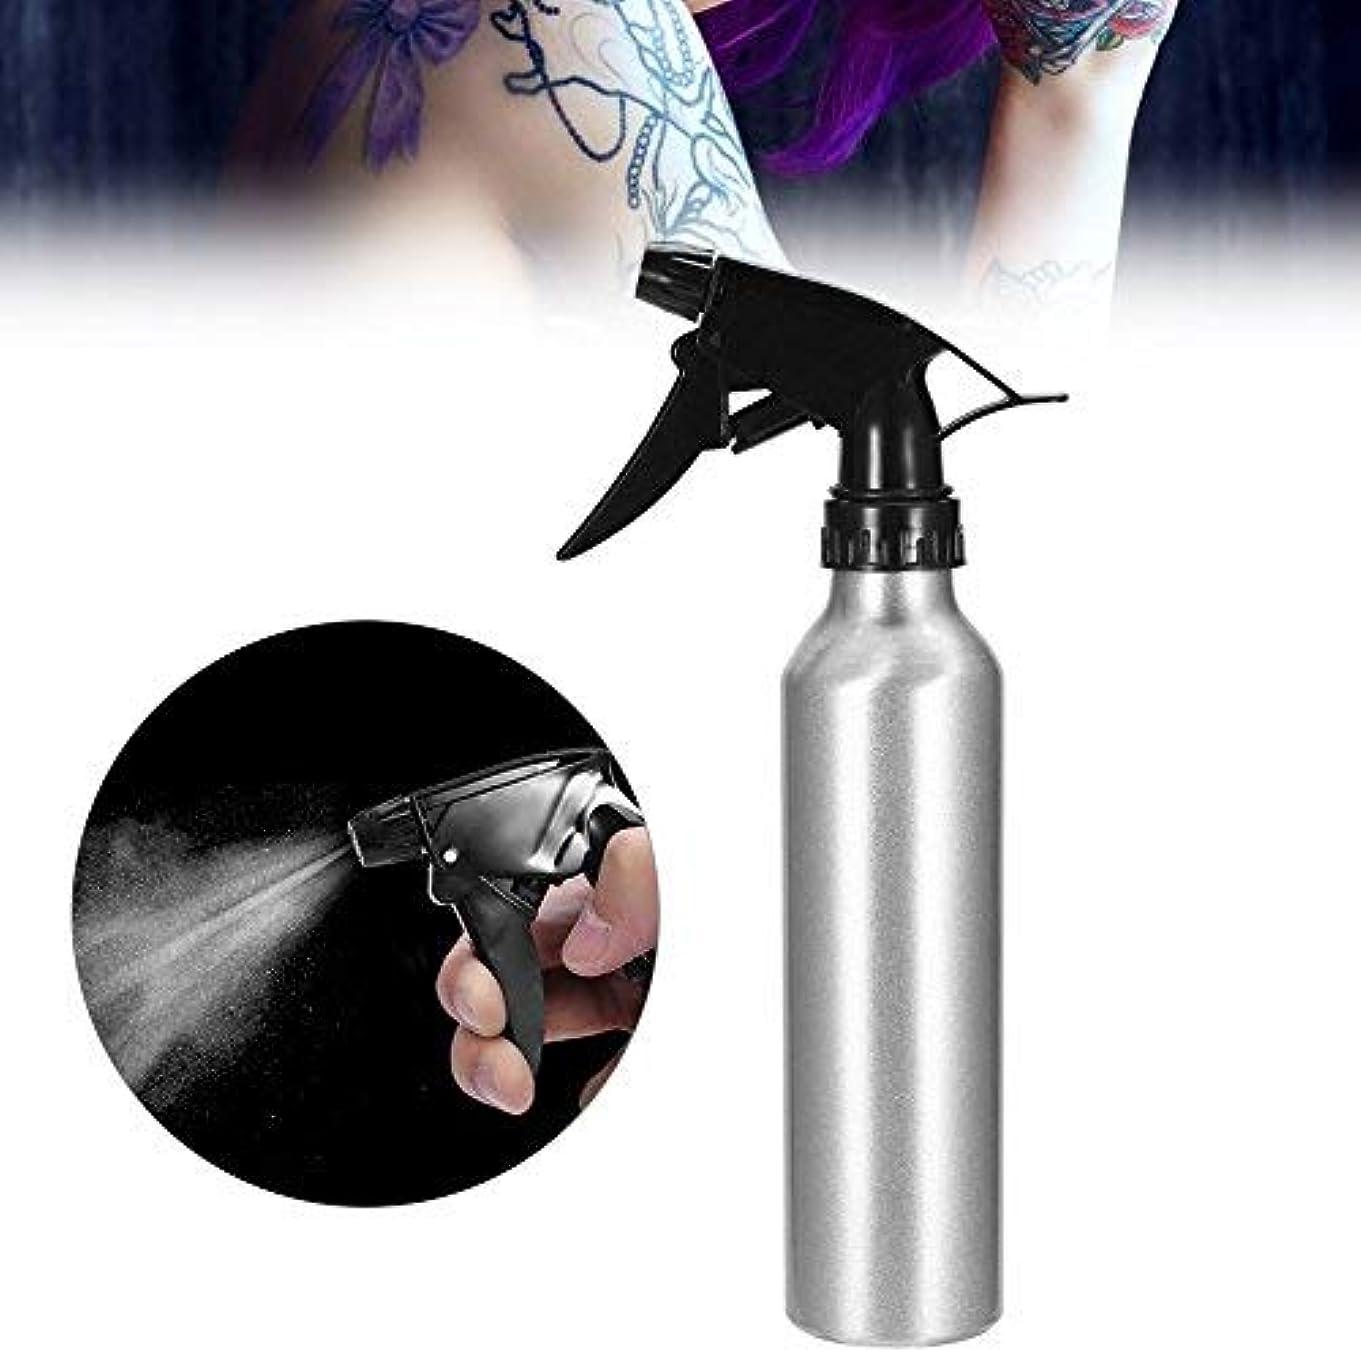 所有者脱臼する誓約ochunアルミスプレーボトル 250ml 霧吹き 入れ墨用 美容美髪用 タトゥースプレーボトル 耐久性(#2)